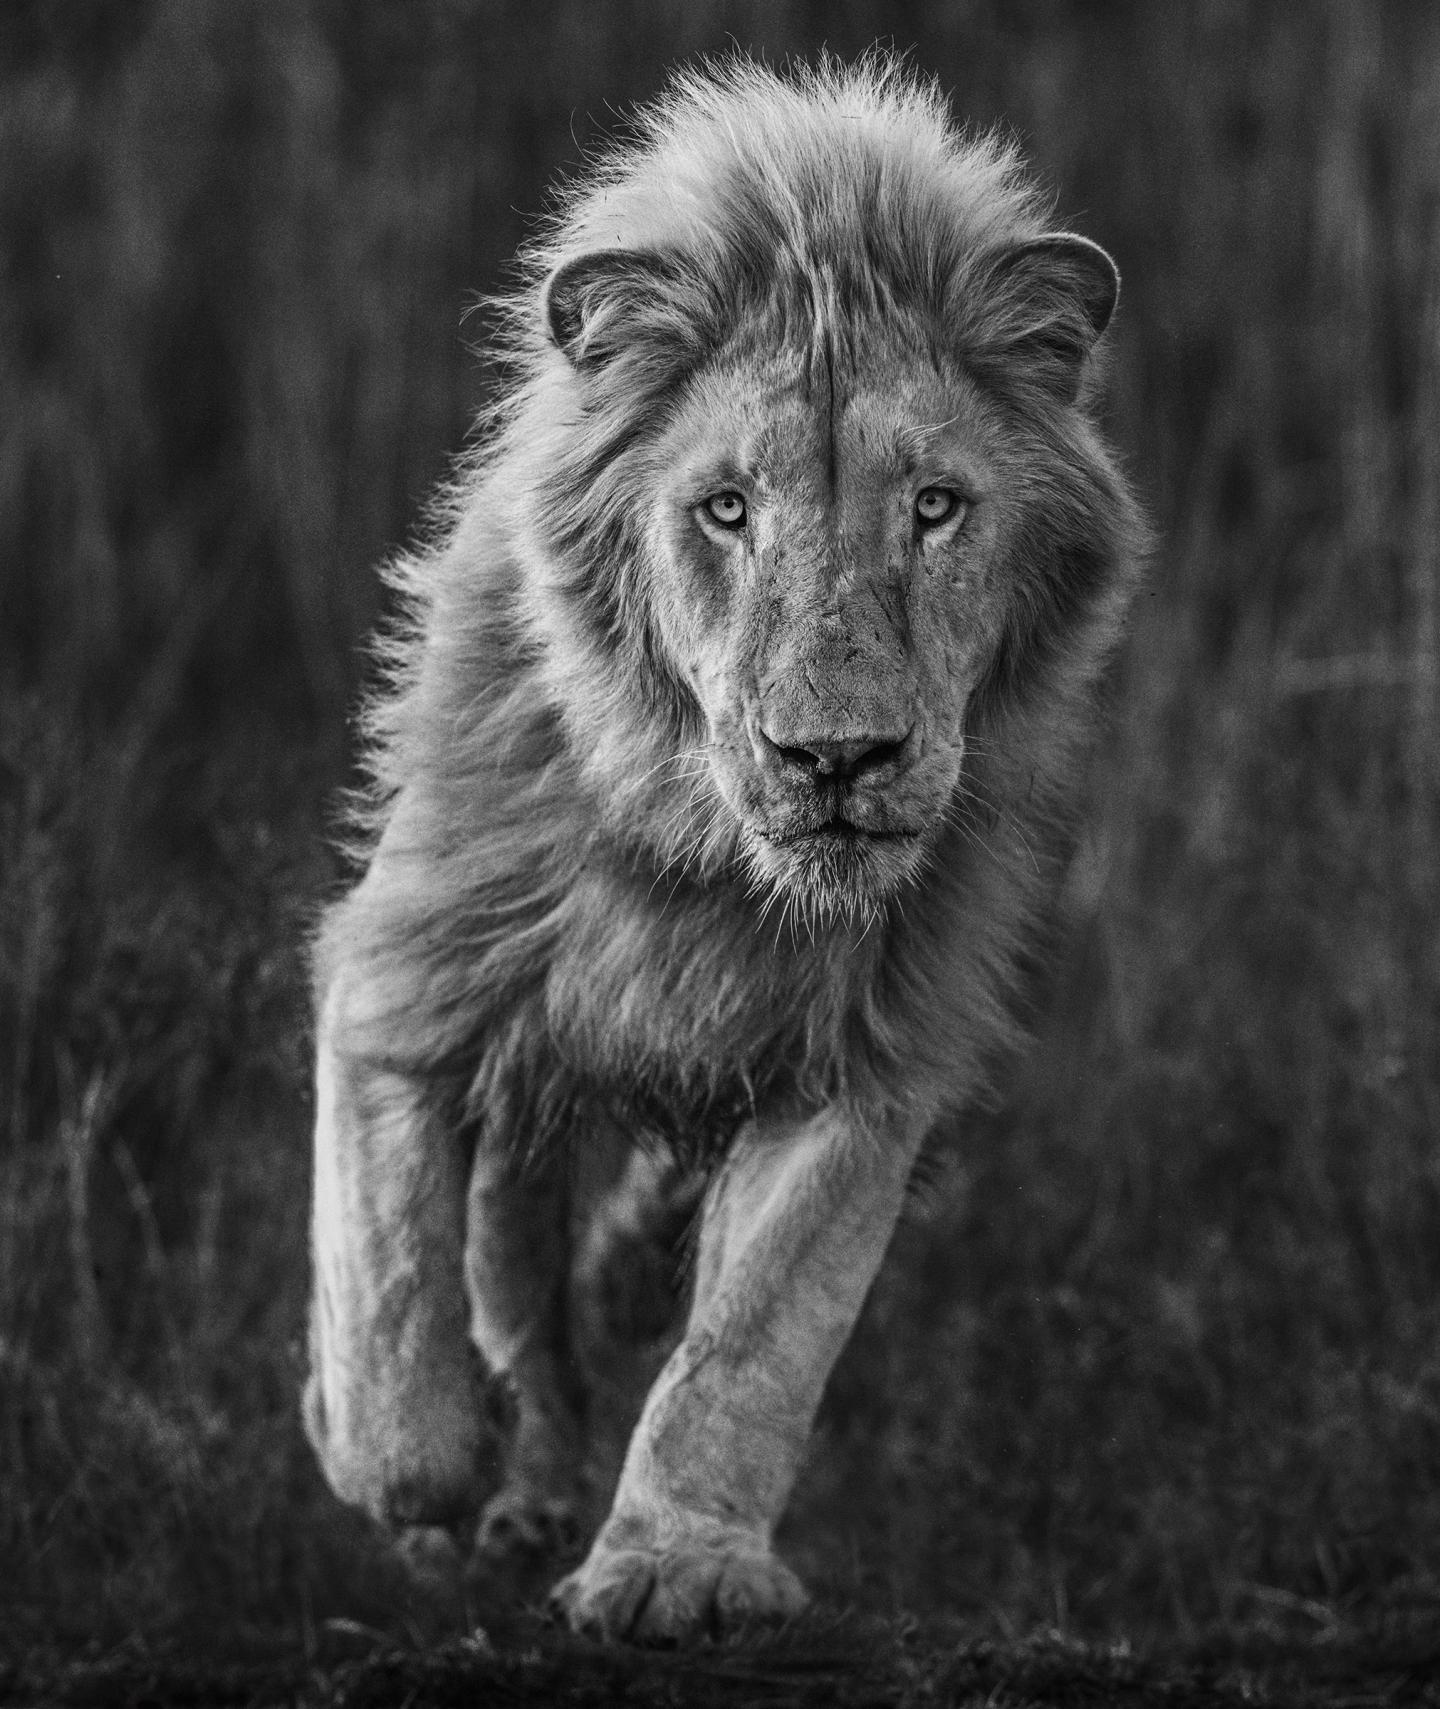 Kevin Richardson est le meilleur pour sécuriser une prise de vue avec un lion, comme celle-ci.